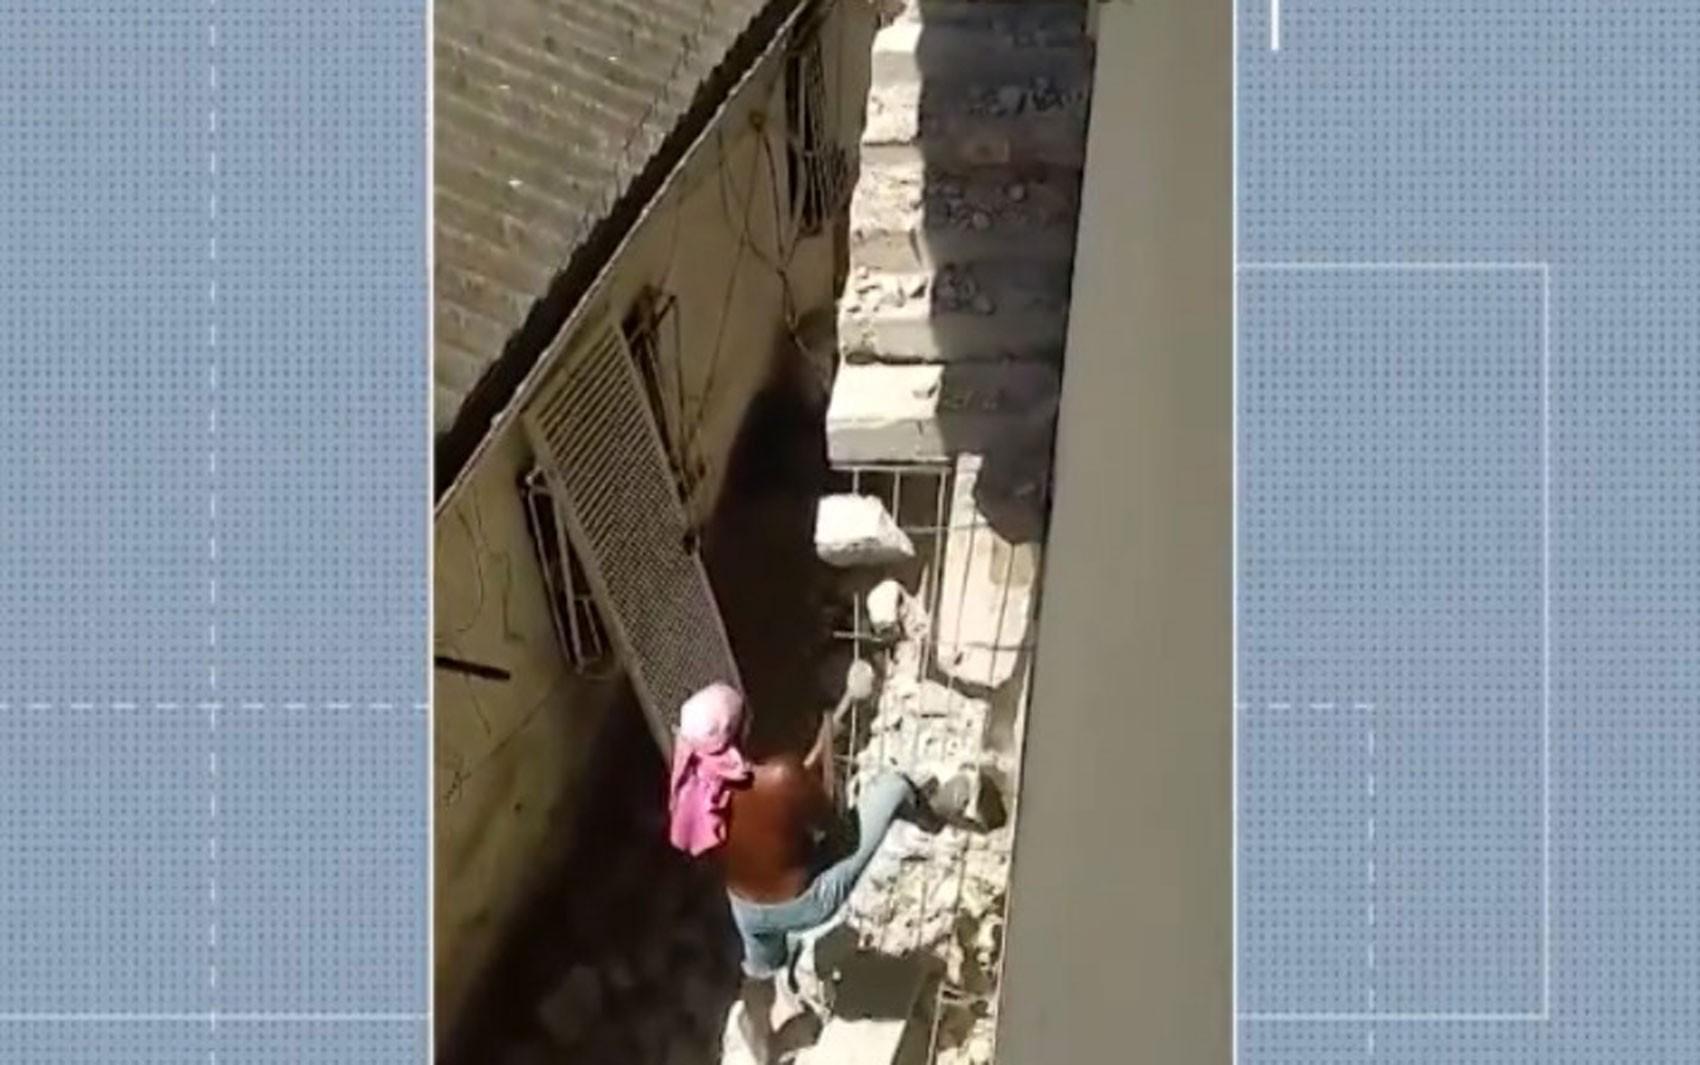 Idosa está há quase um ano 'presa' dentro de casa após vizinho demolir escada de acesso ao imóvel no sul da BA